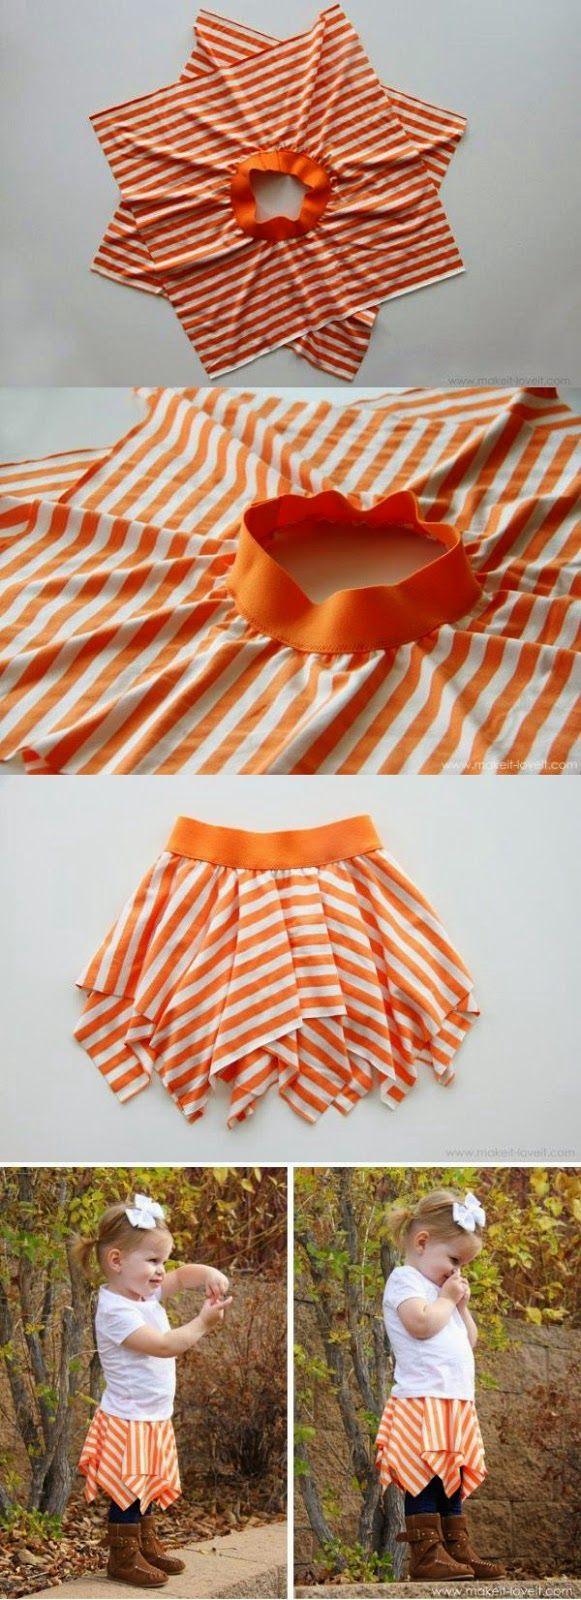 Tutoriales y DIYs: Falda para niña